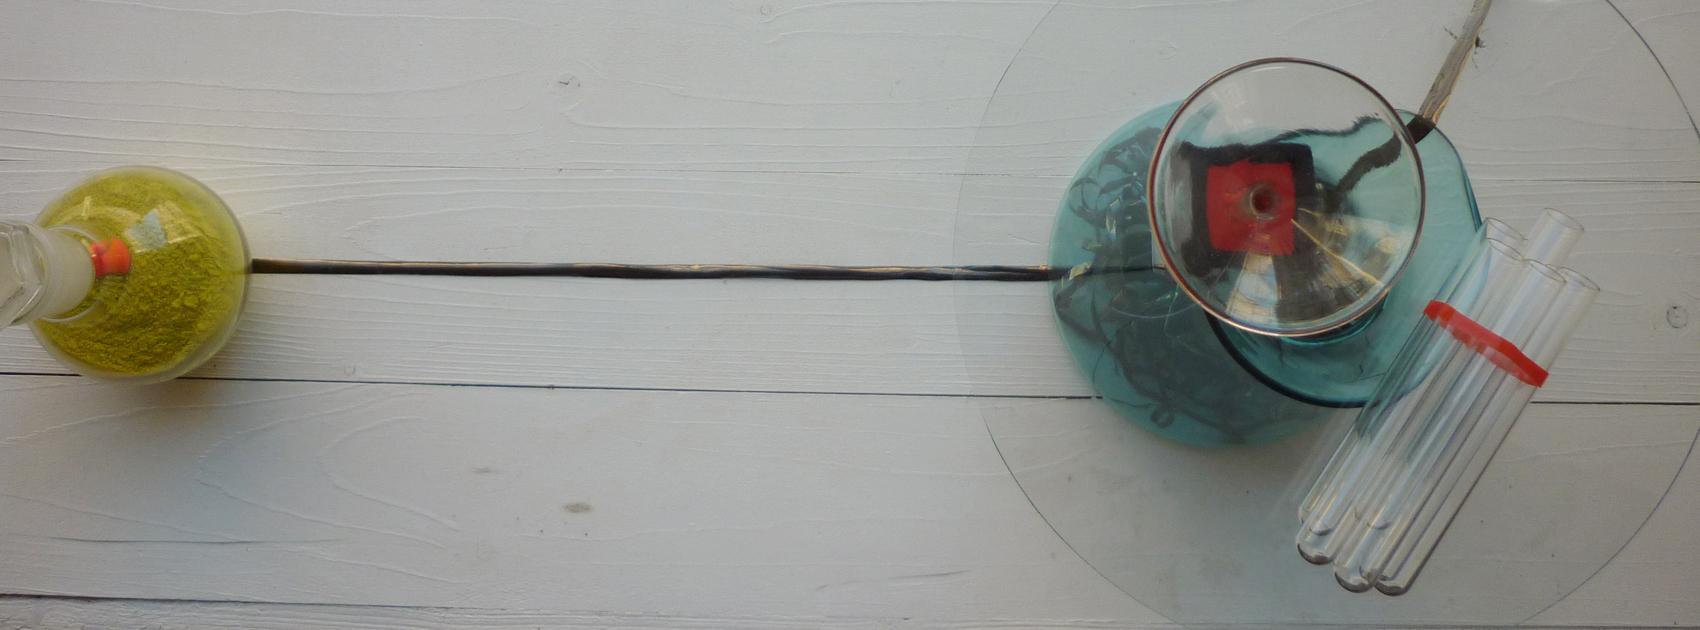 Pigmente, Reagenzgläser und Glas-Phiolen im Schaufenster